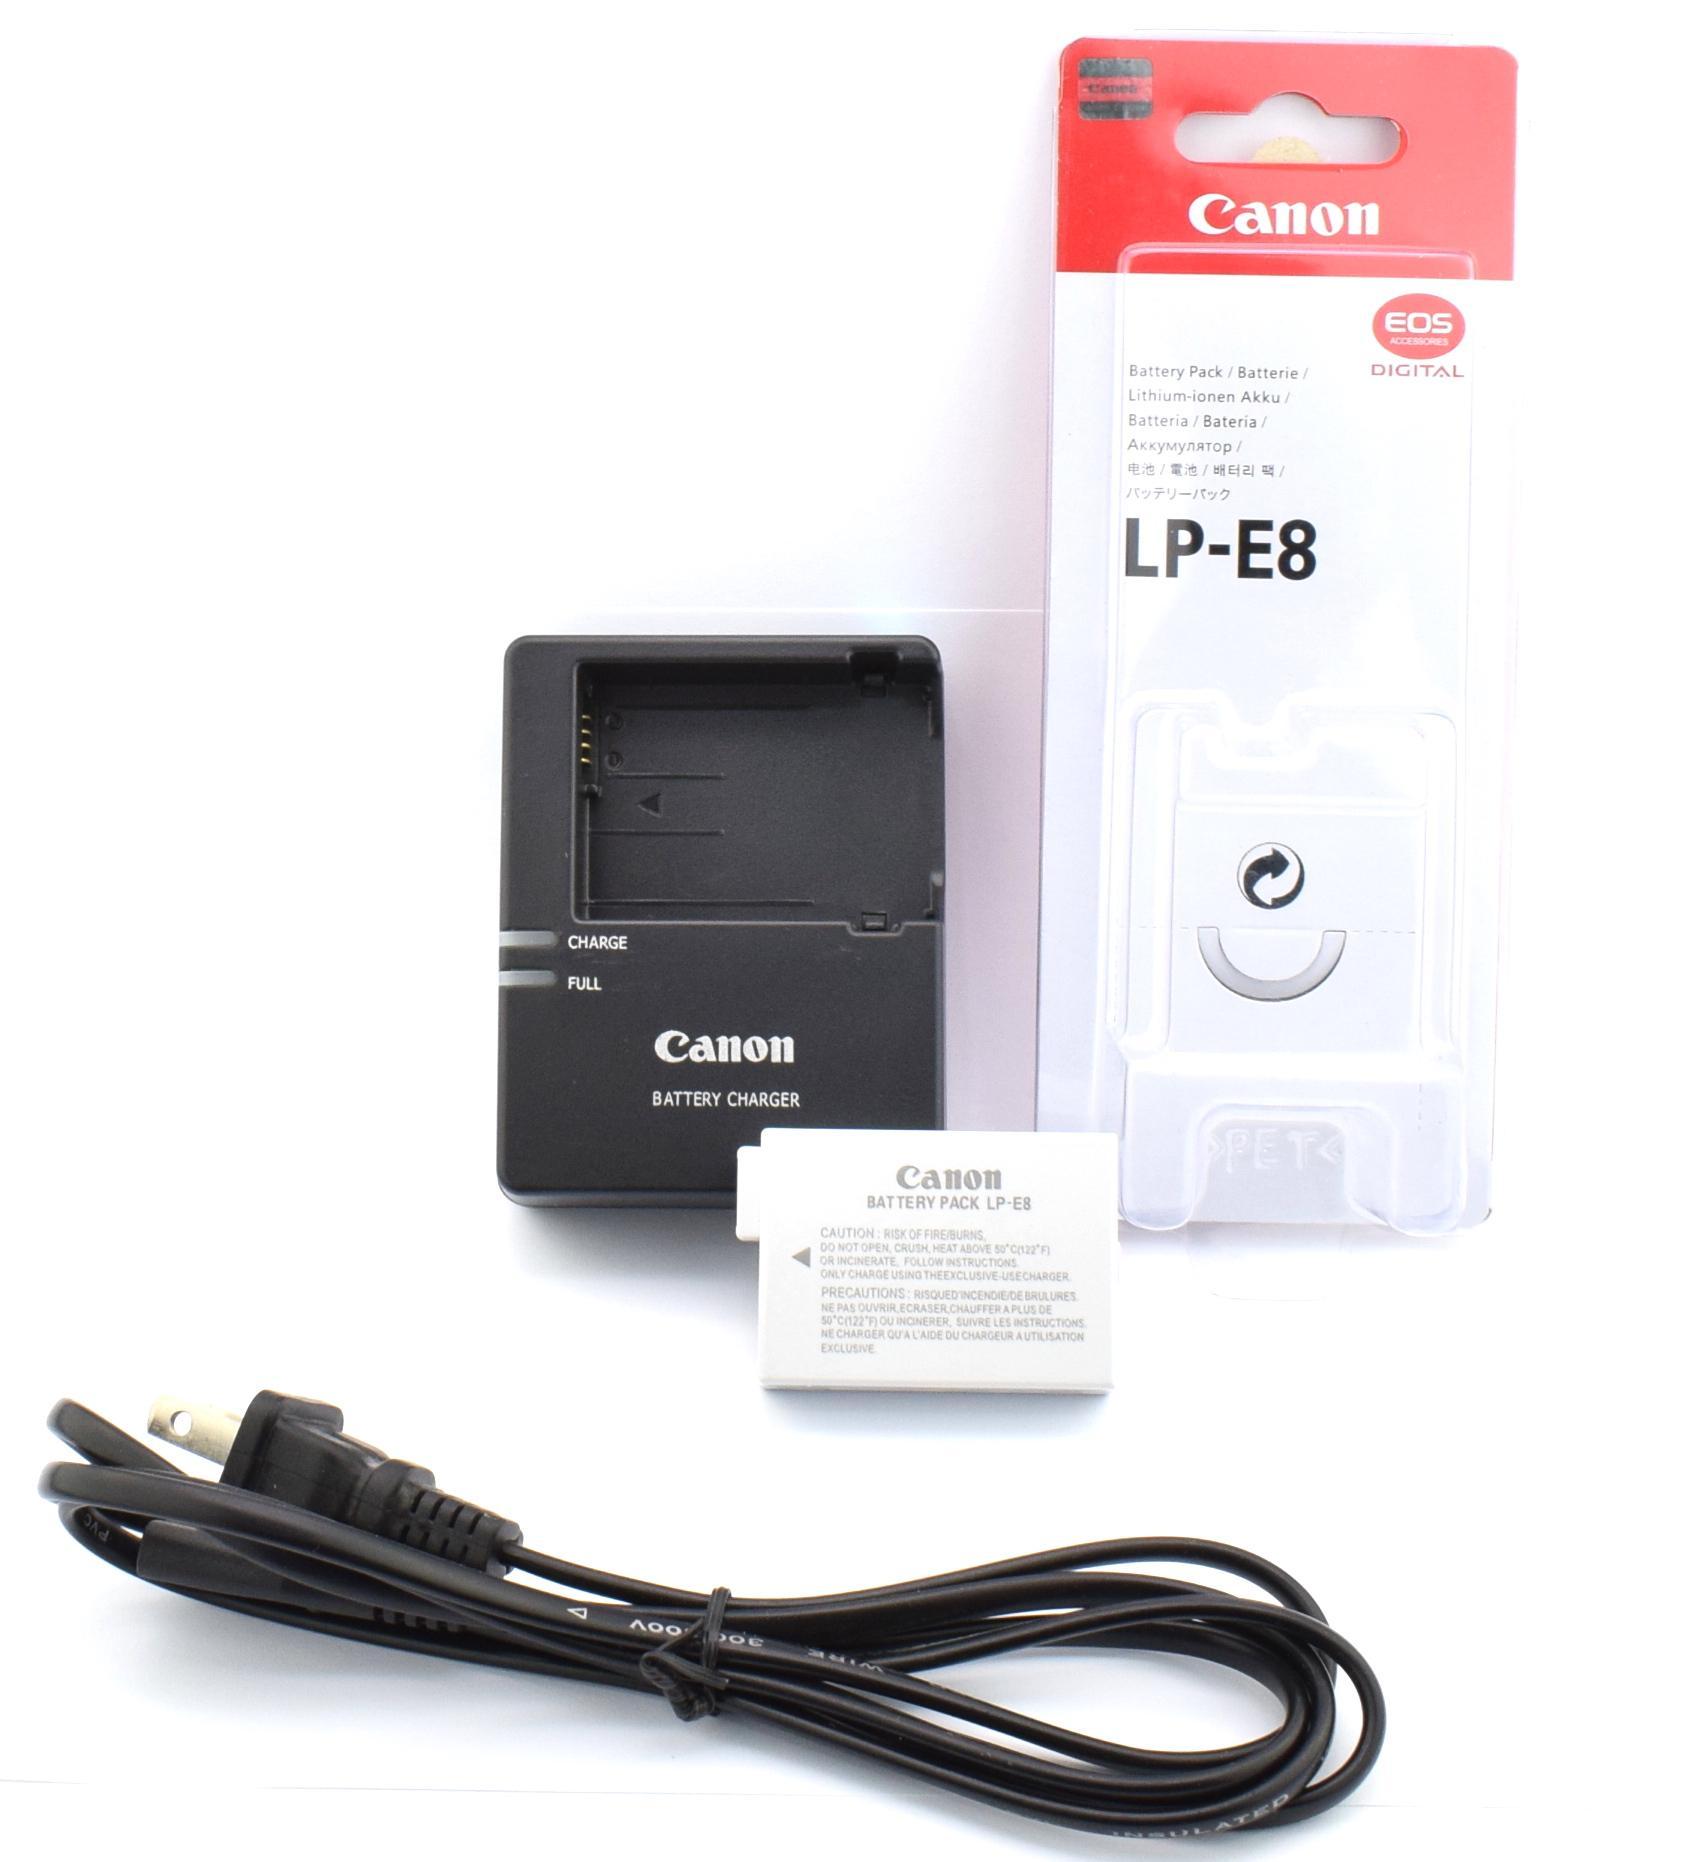 Canon Battery LPE8 LP E8 or LP-E8 for Canon 550D 600D 650D 700D and Canon  Battery Charger LC-E8C for Canon 600D 650D 700D EOS 550D Rebel T2i